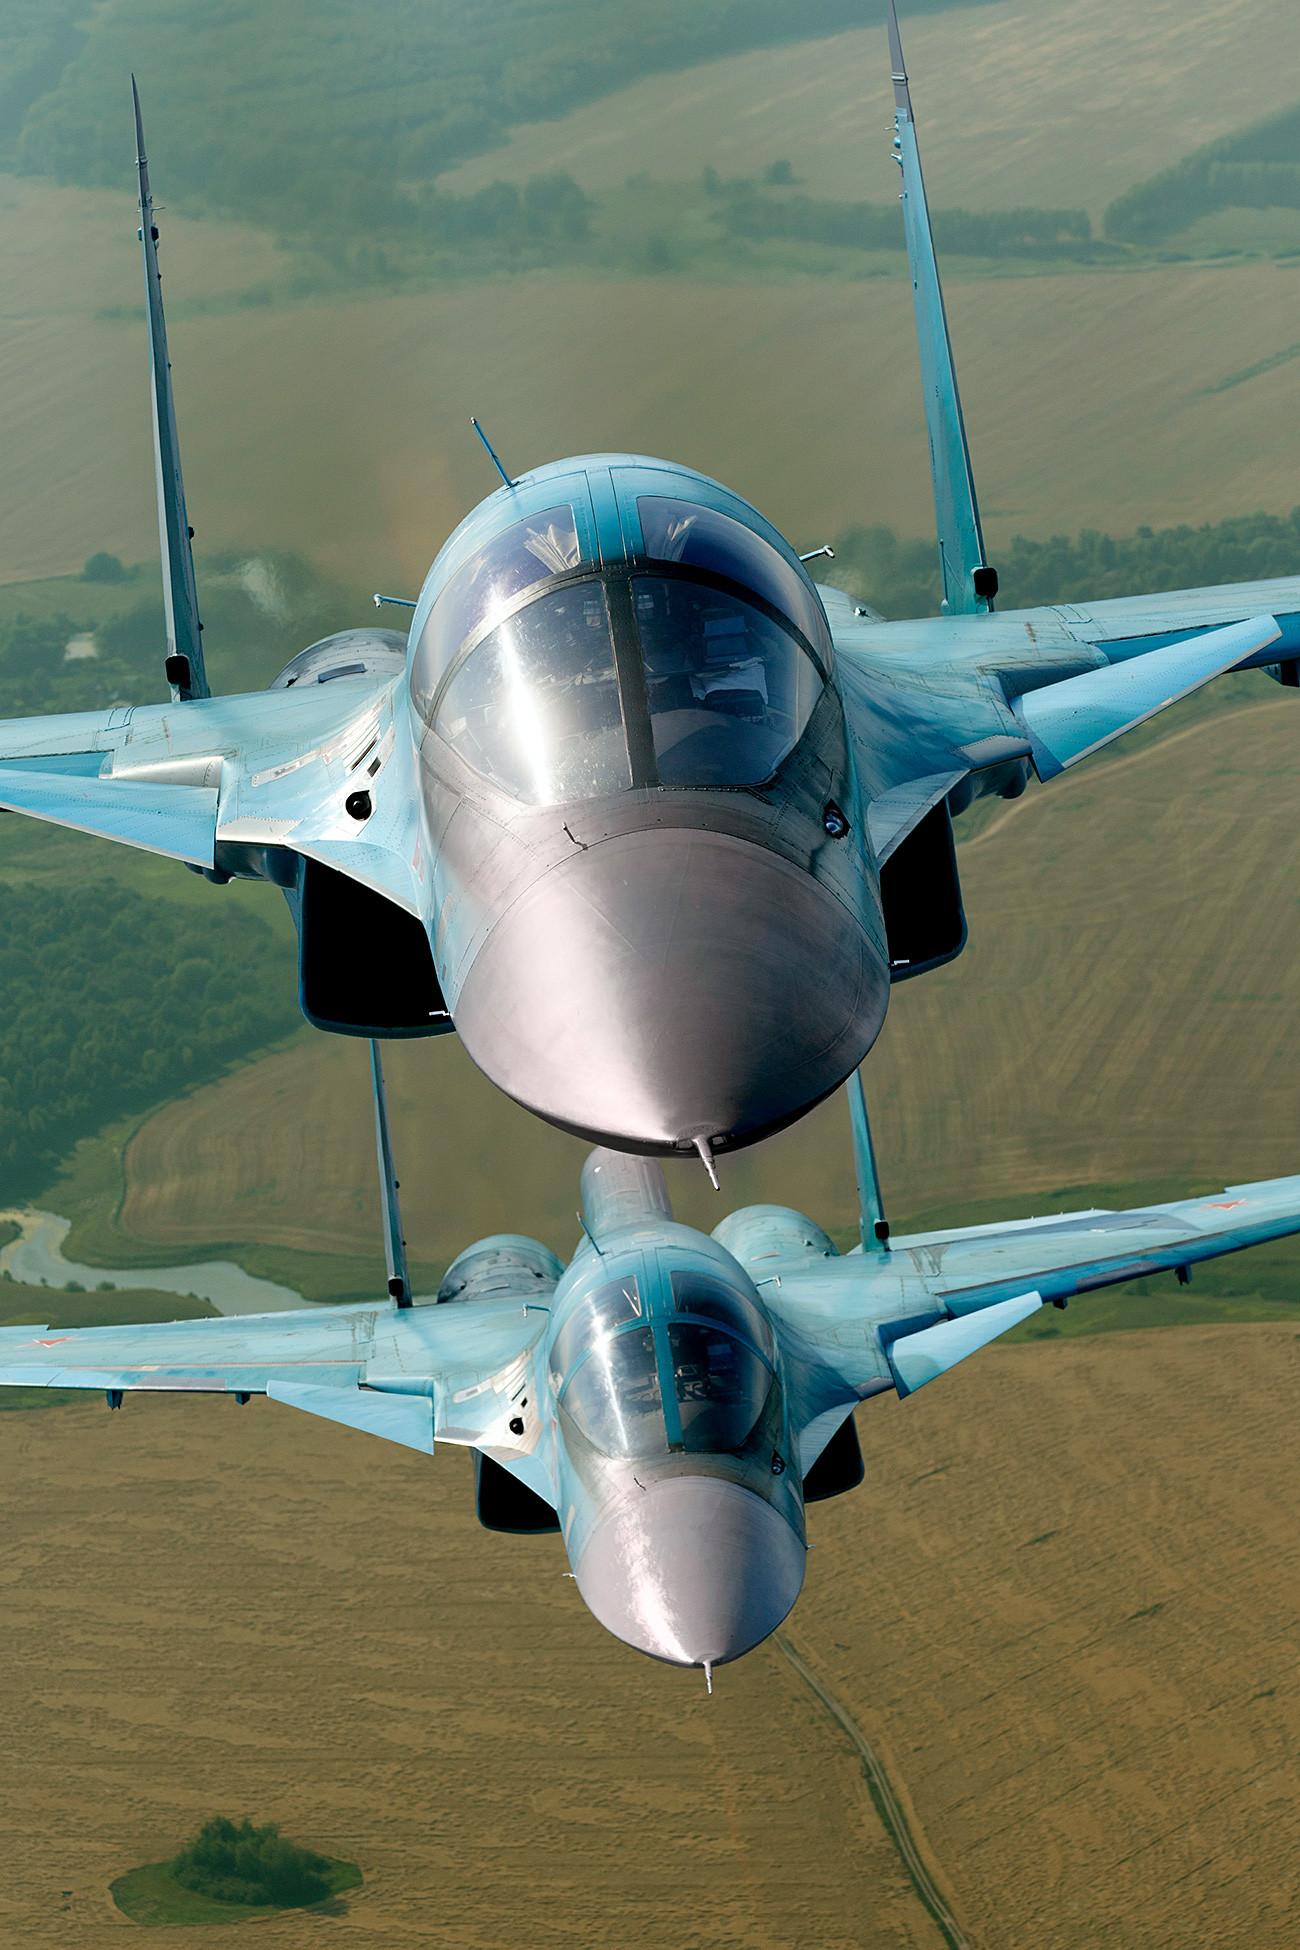 El Su-34 puede volar 7.000 km sin repostar y acercarse a su objetivo, destruyendo todo a su paso.